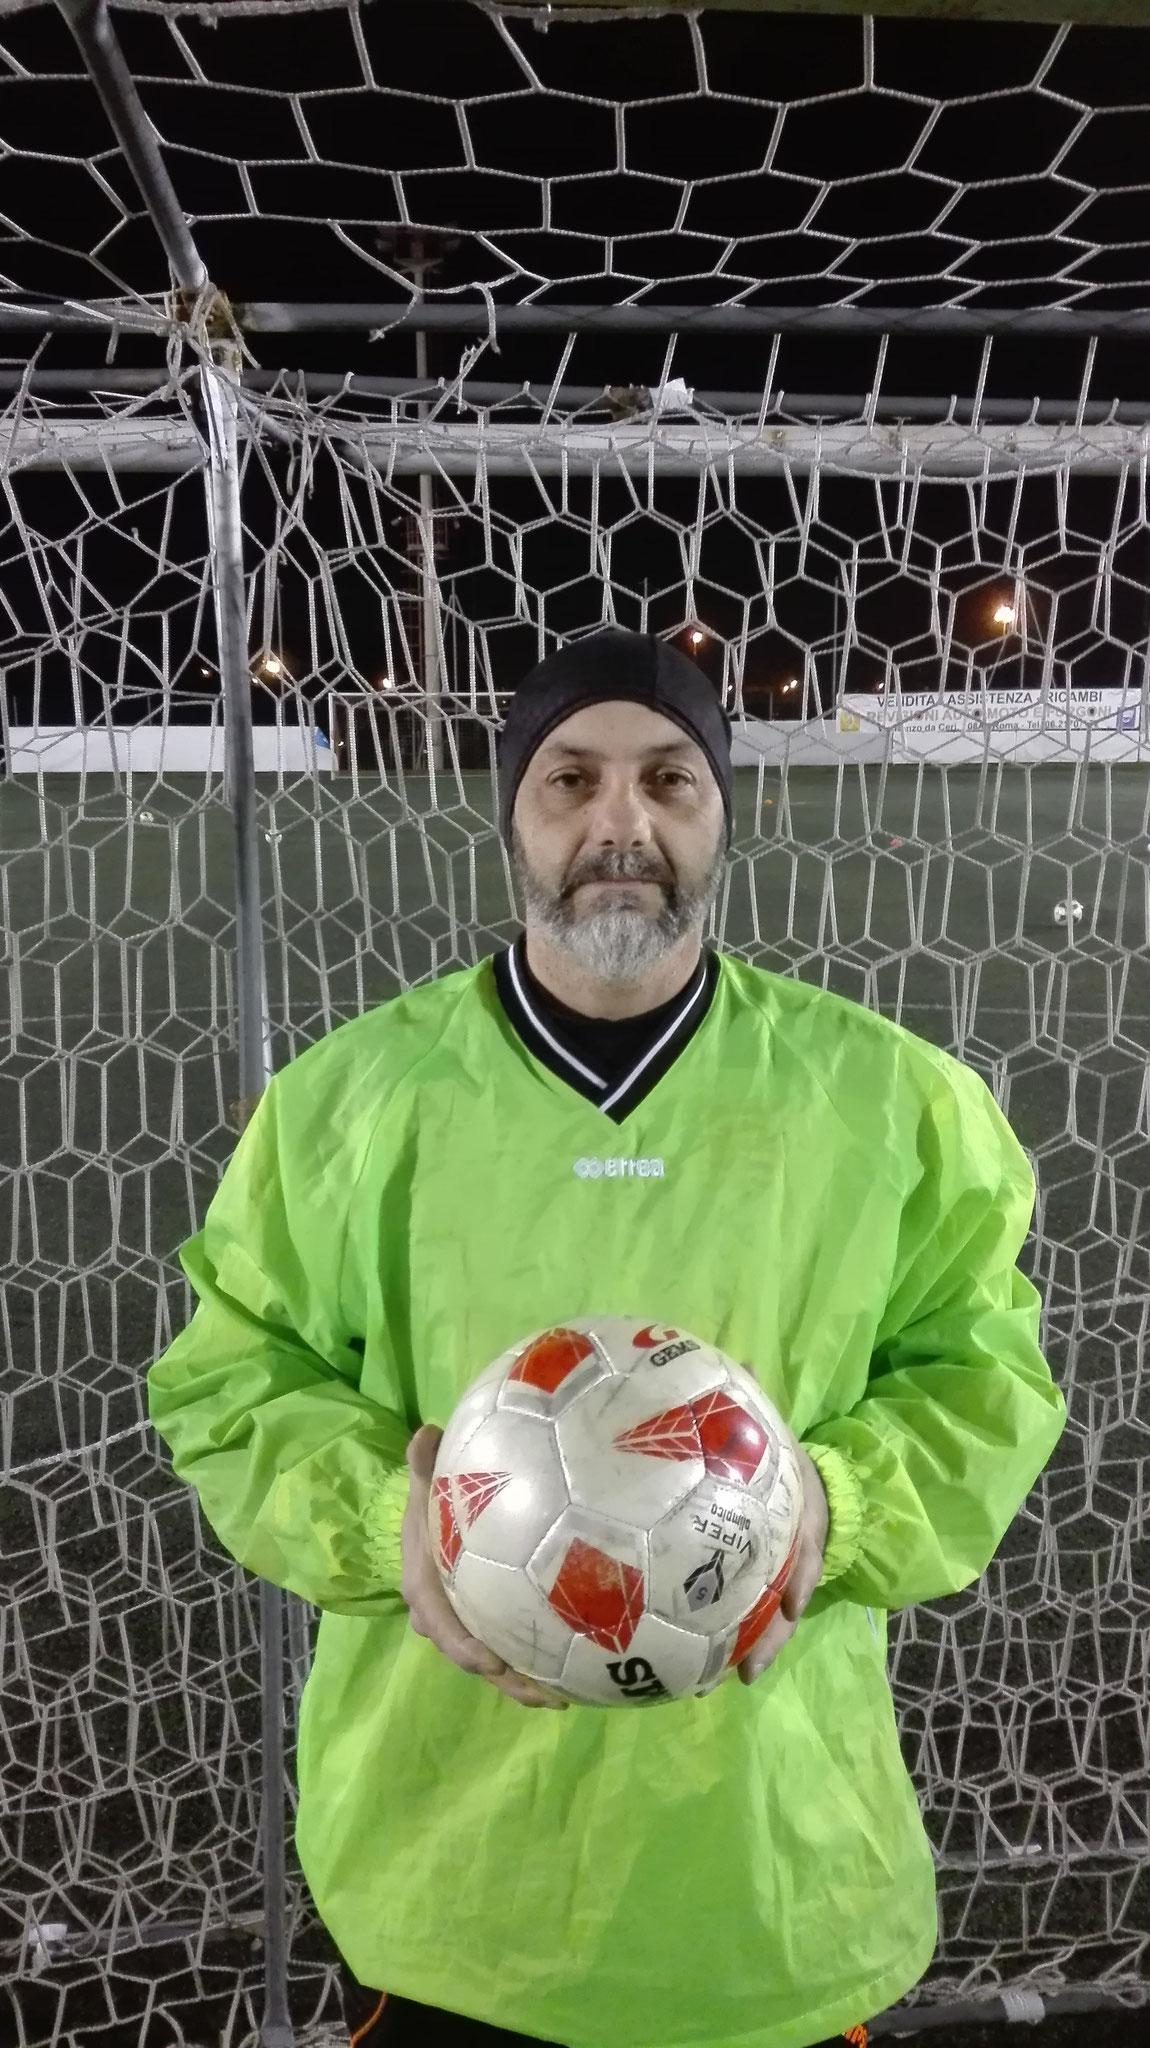 Fabio Fulgenzi